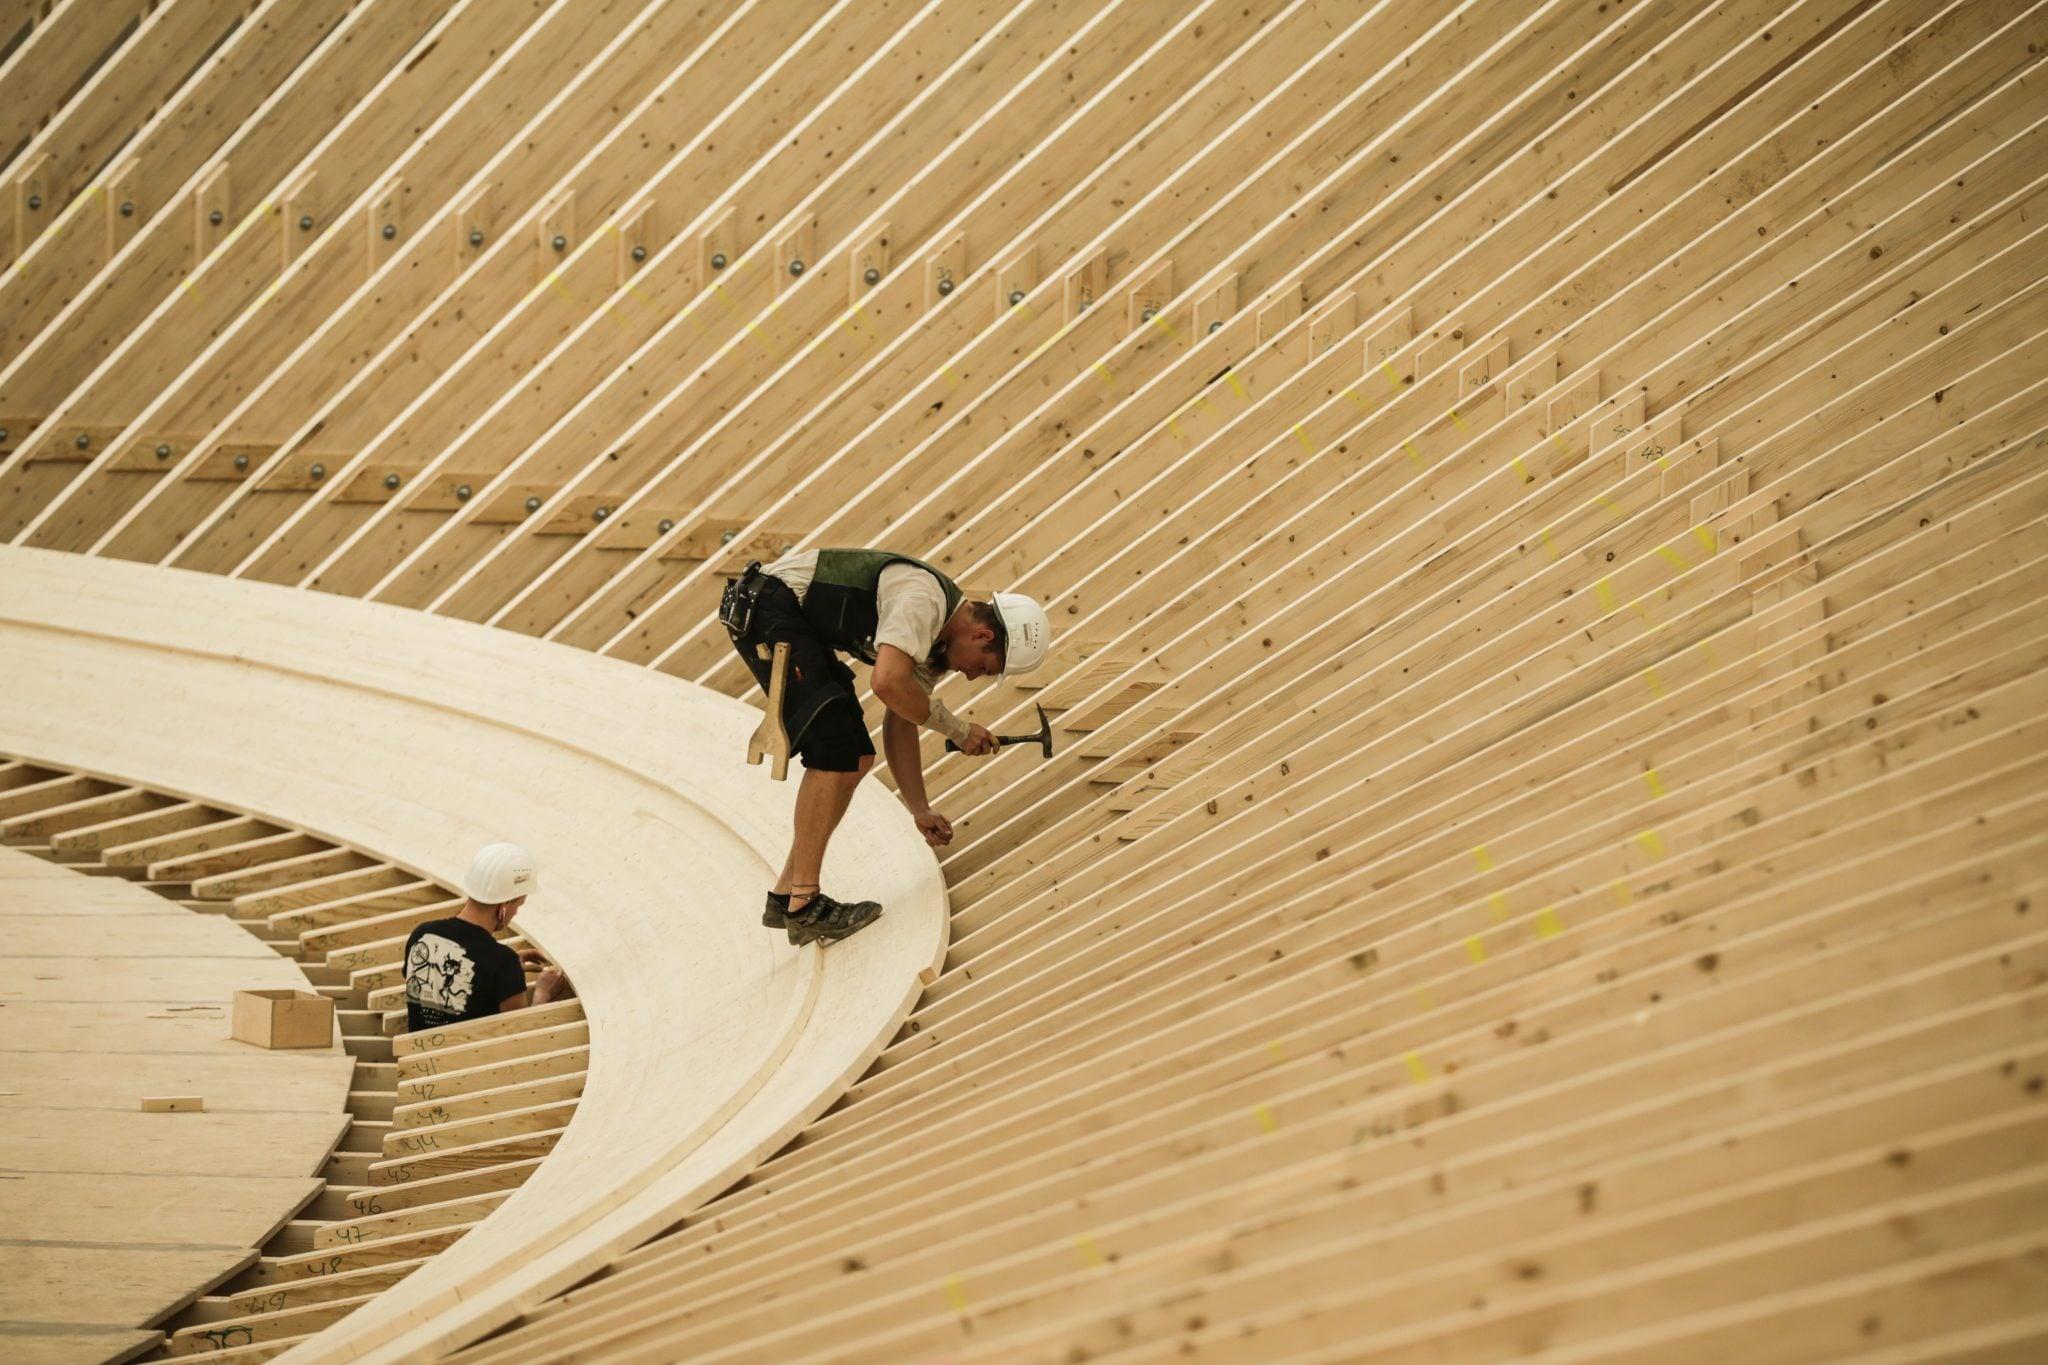 Dżakarta, Indonezja: budowa toru na welodromie (tor kolarski) na zbliżające się Igrzyska Azjatyckie, fot: Mast Irham, PAP/EPA